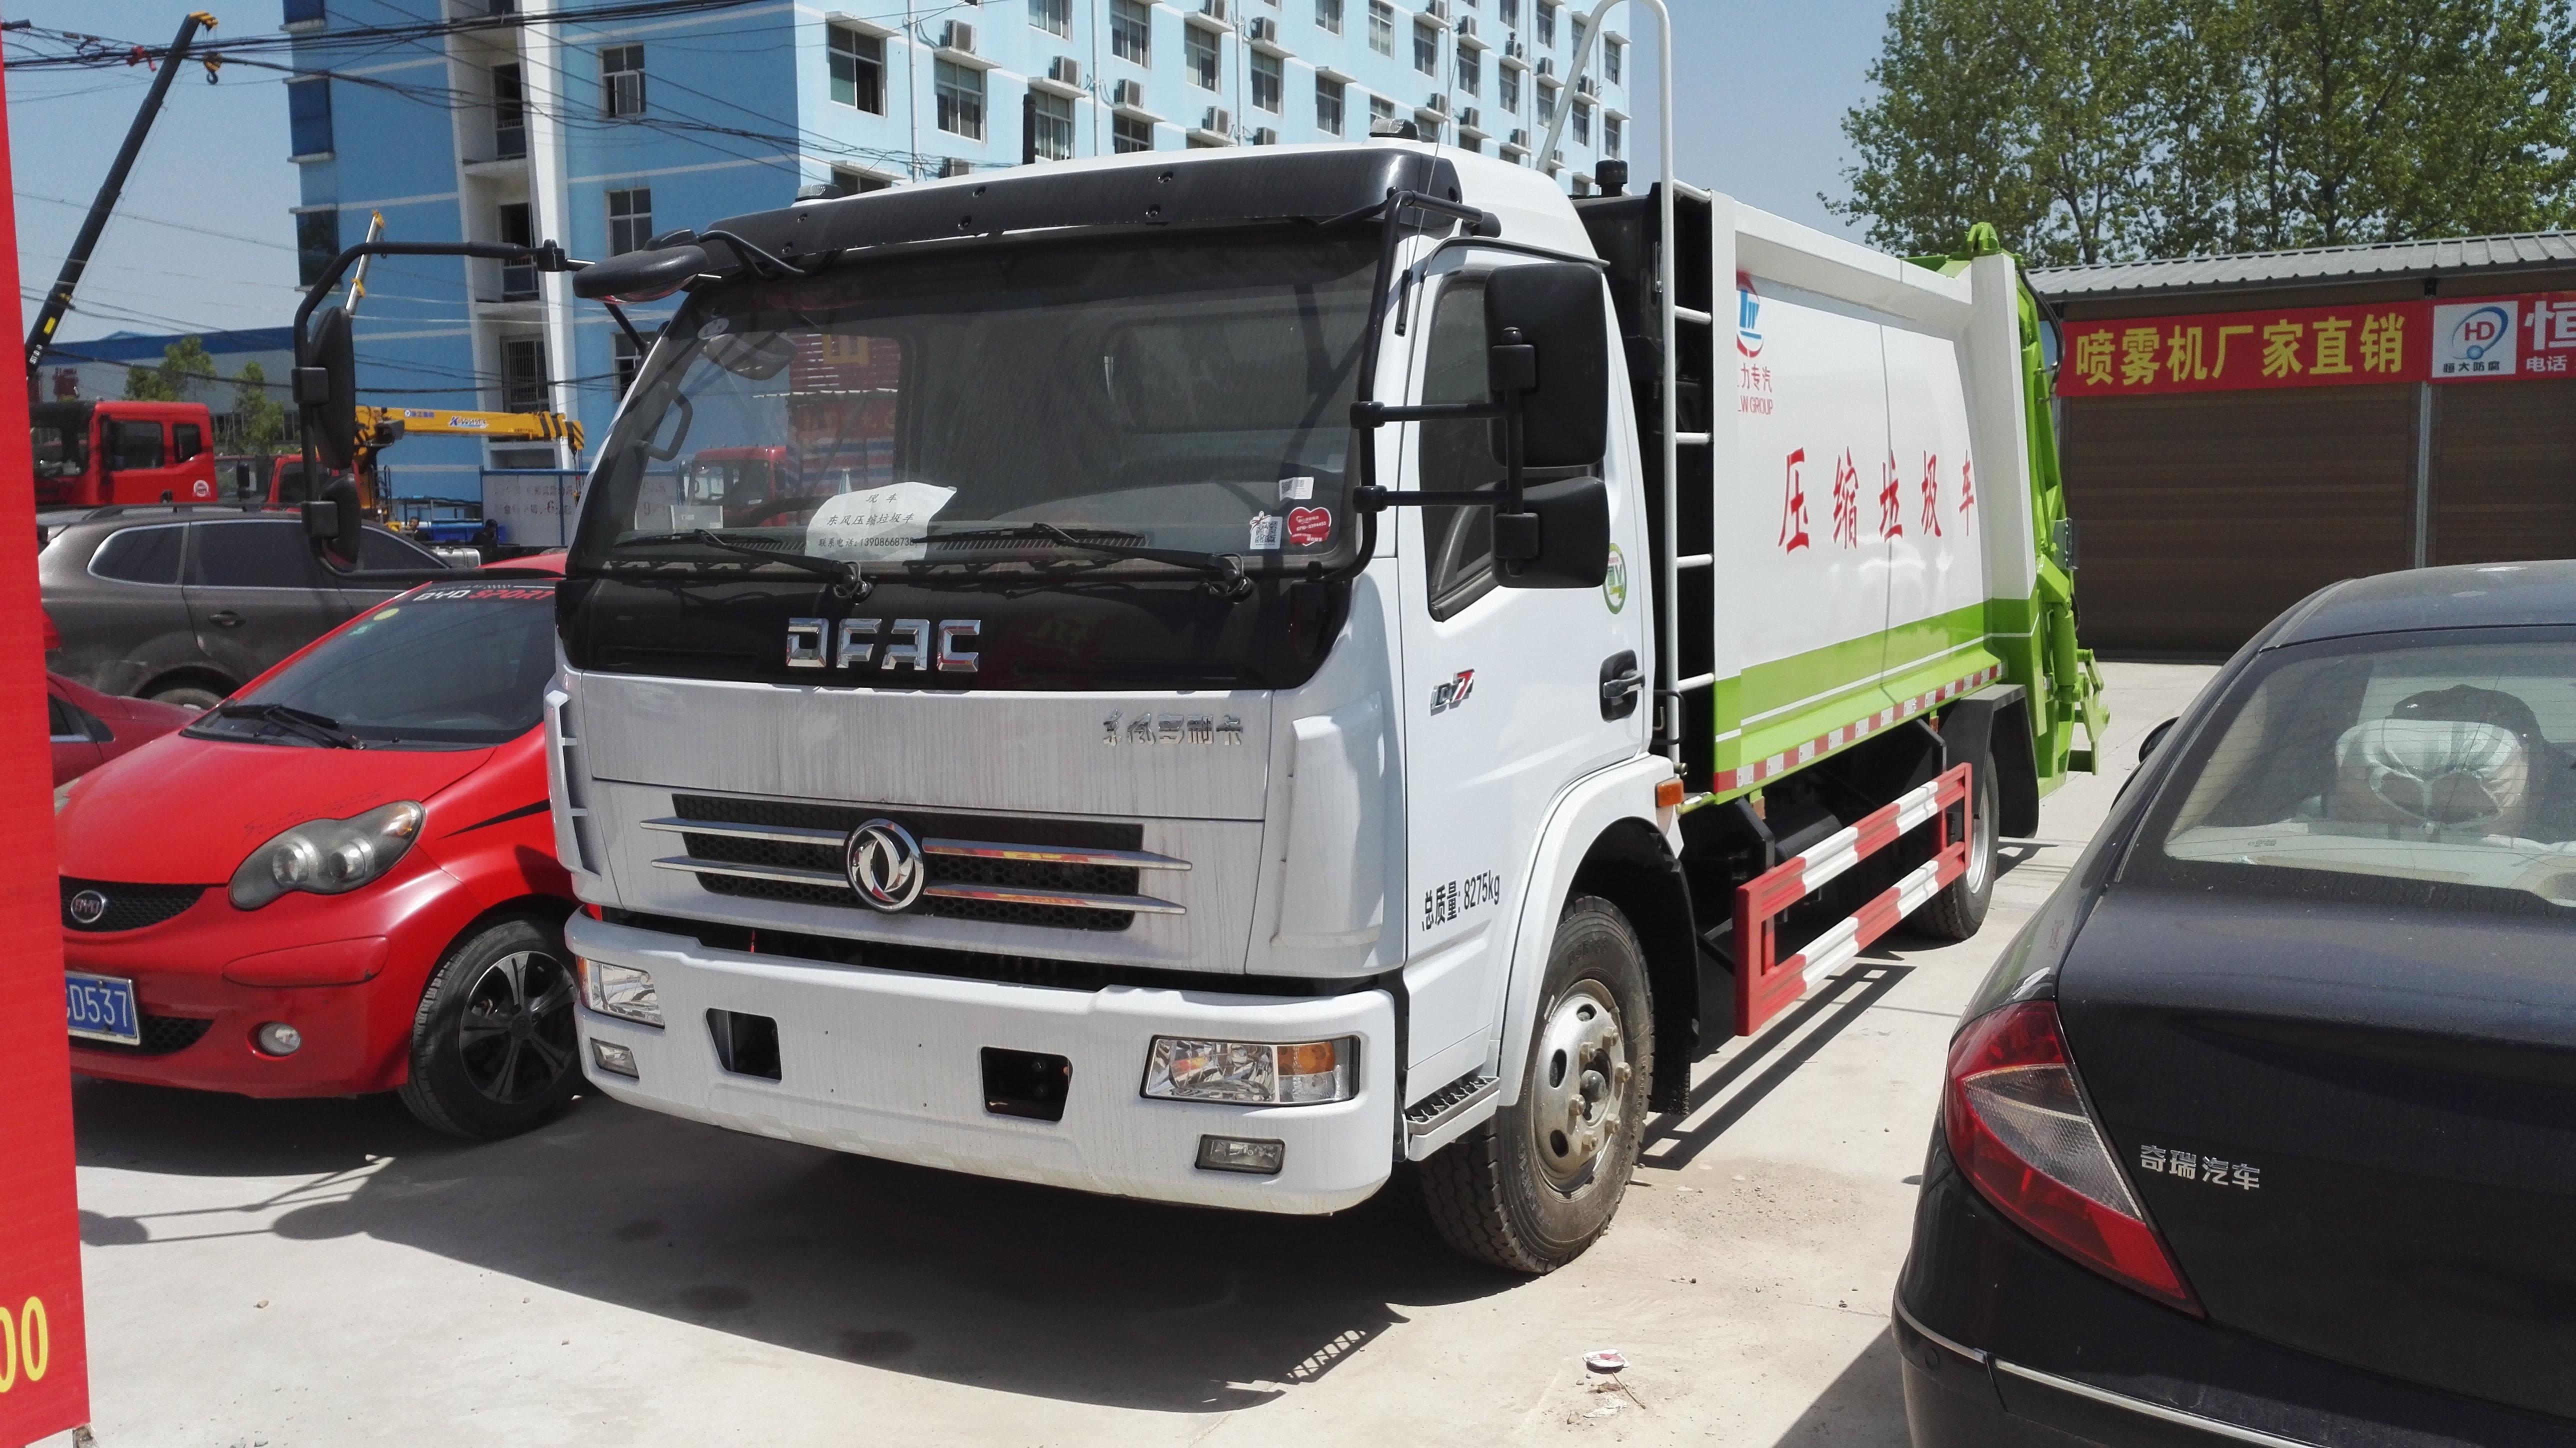 东风多利卡压缩式垃圾车(国五型)